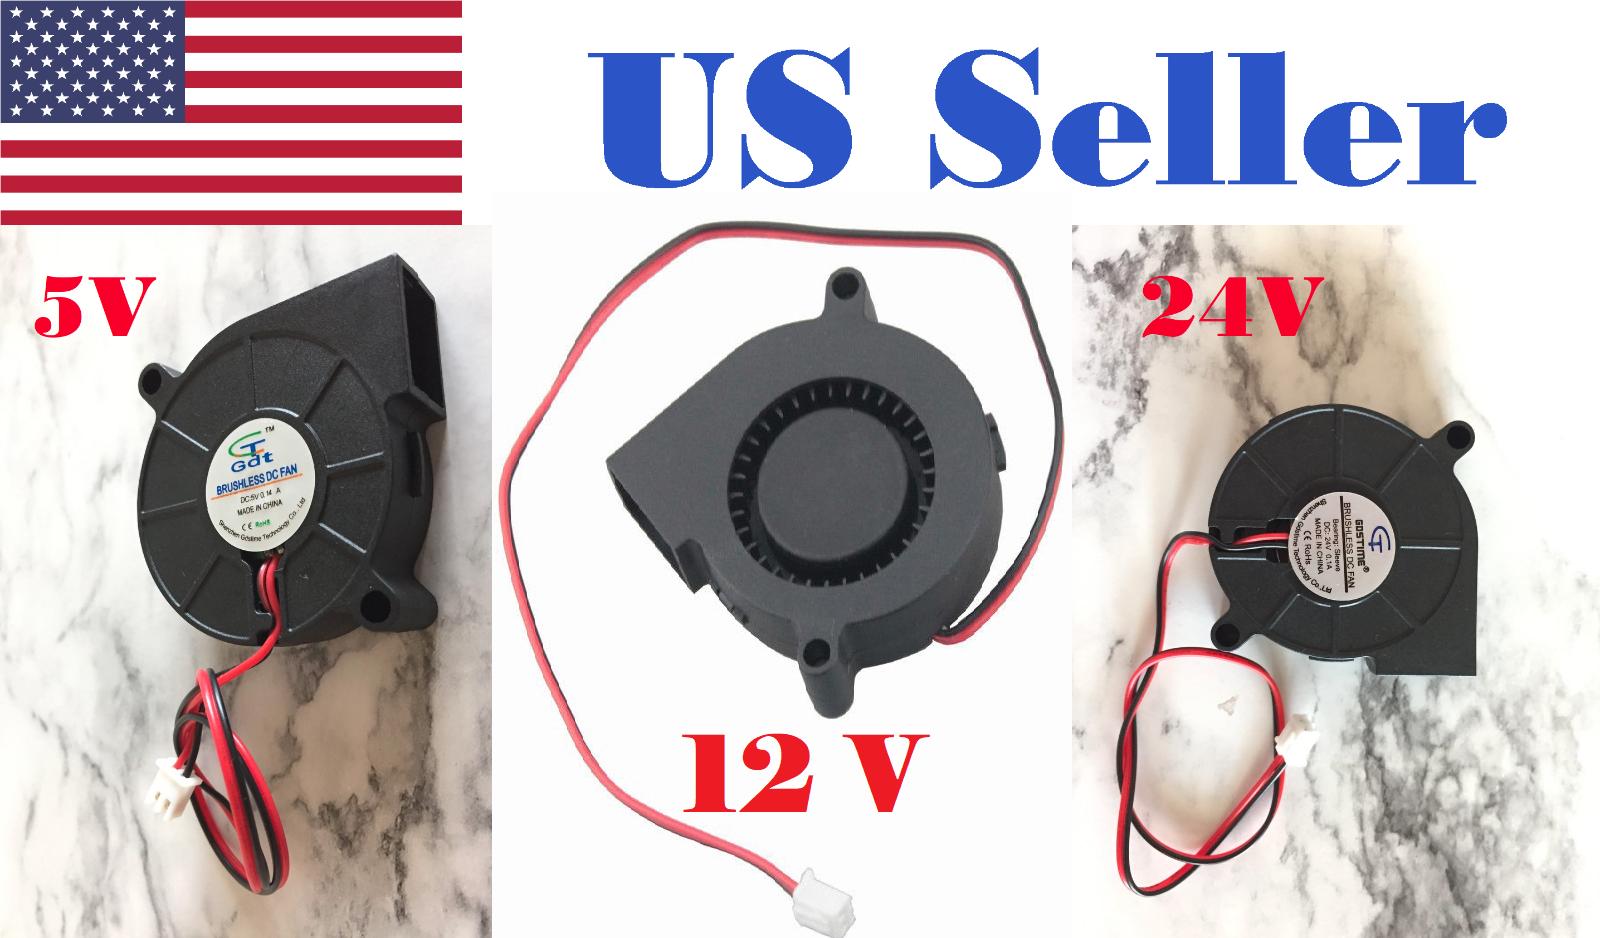 5V 12V 24V DC 50mm Blower Radial Cooling Fan Hotend Extruder For 3D Printer